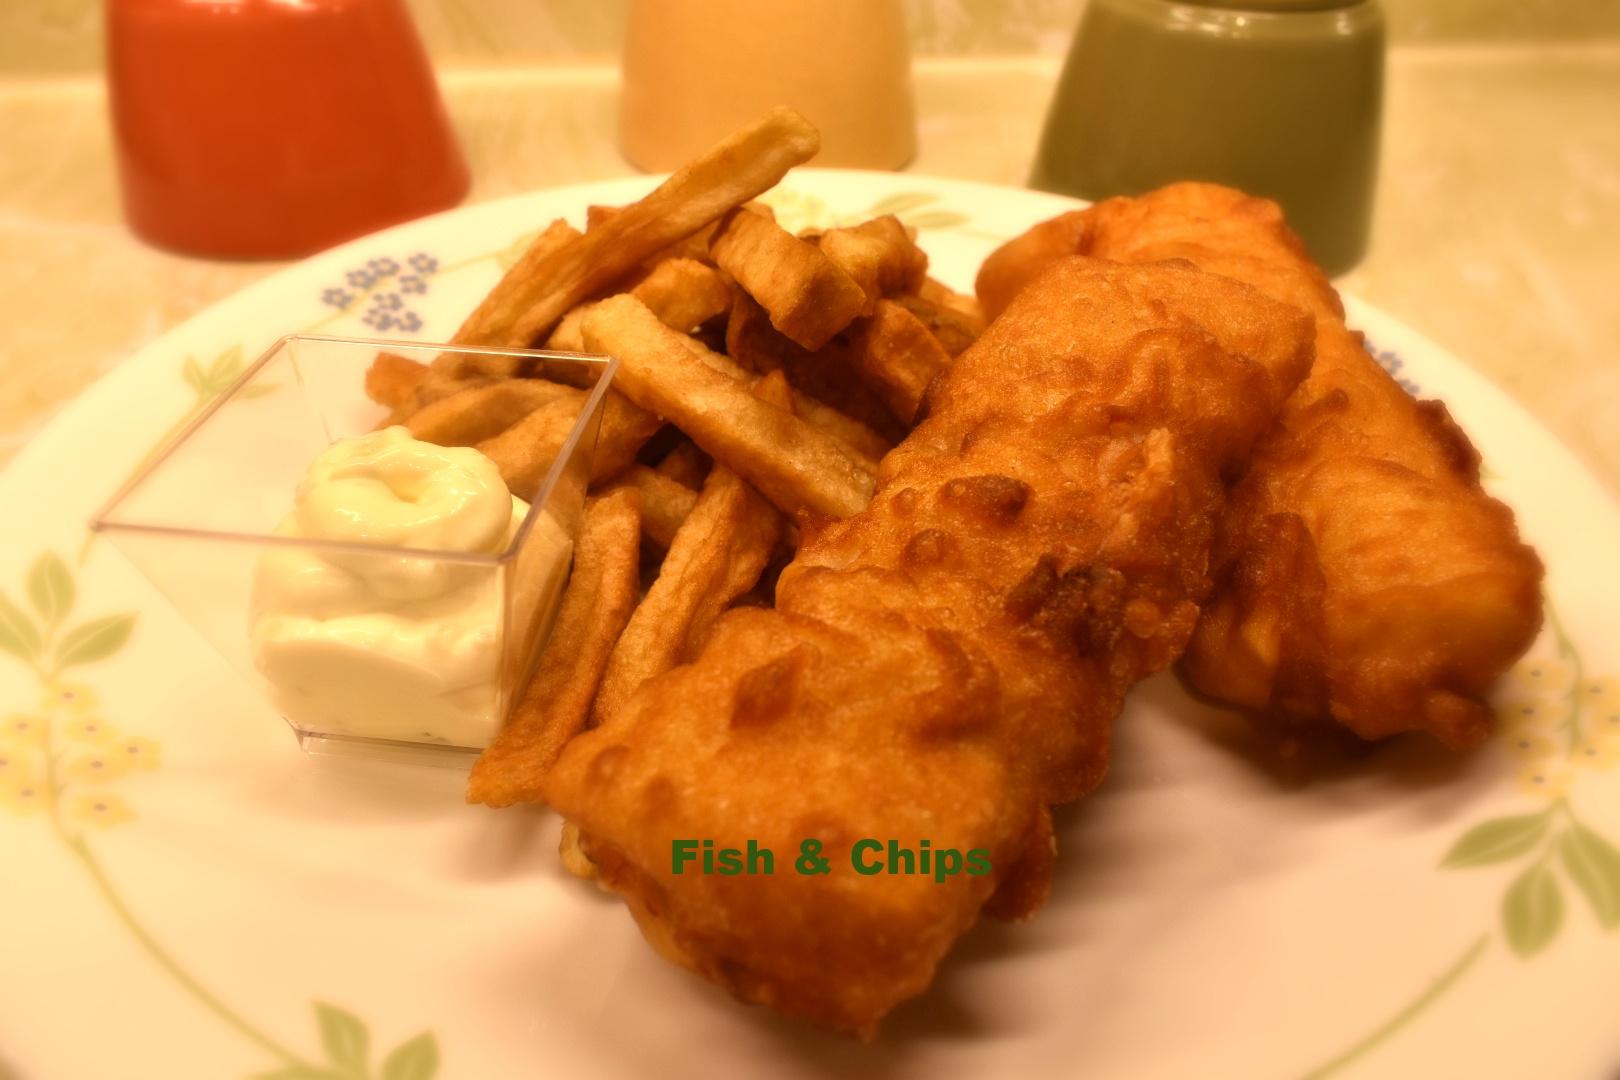 Fish & Chps